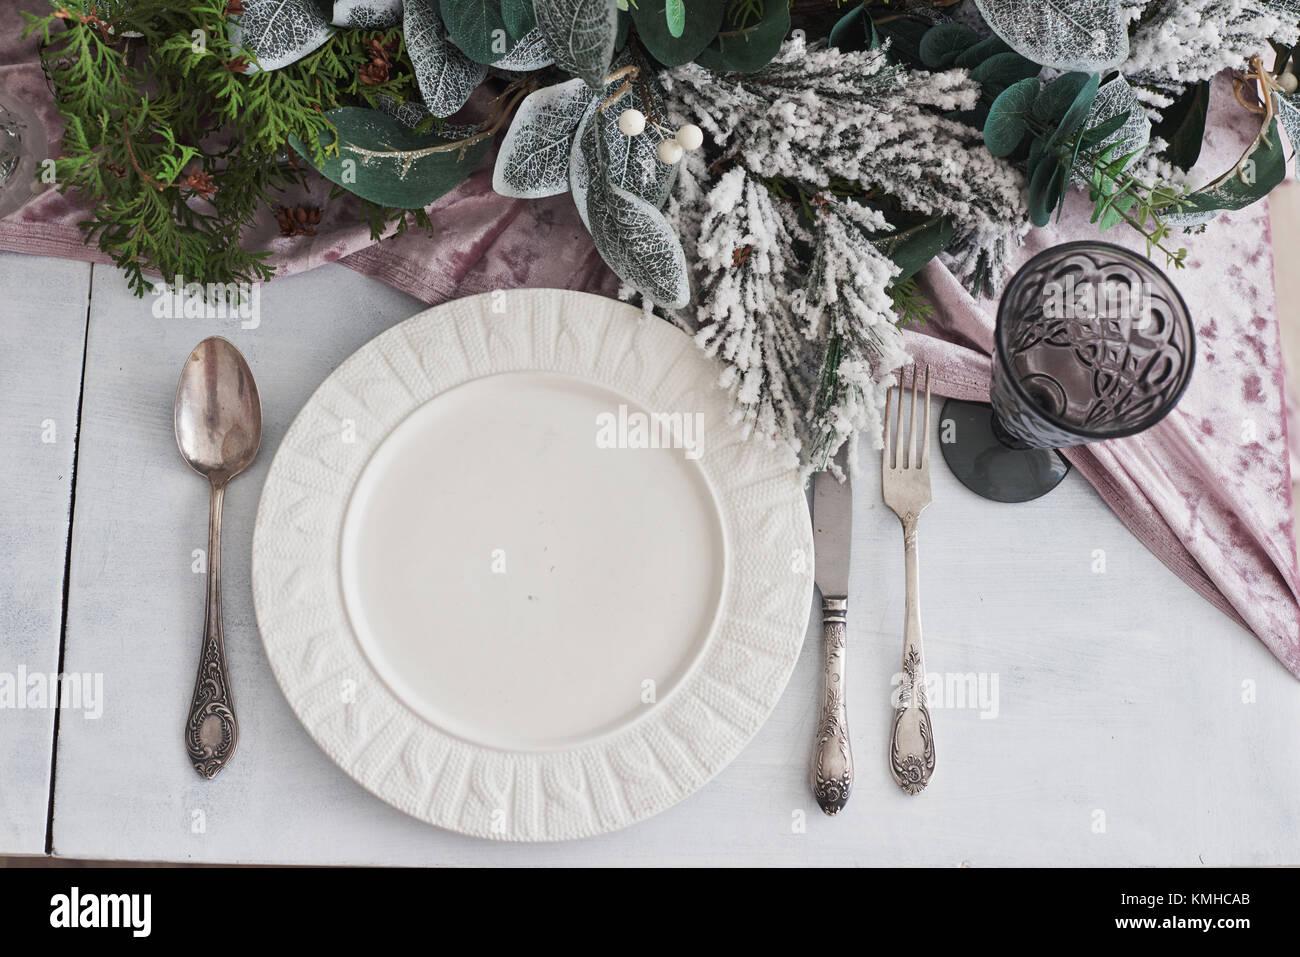 Tableau a servi pour le dîner de Noël dans la salle de séjour, vue du dessus. Photo Stock